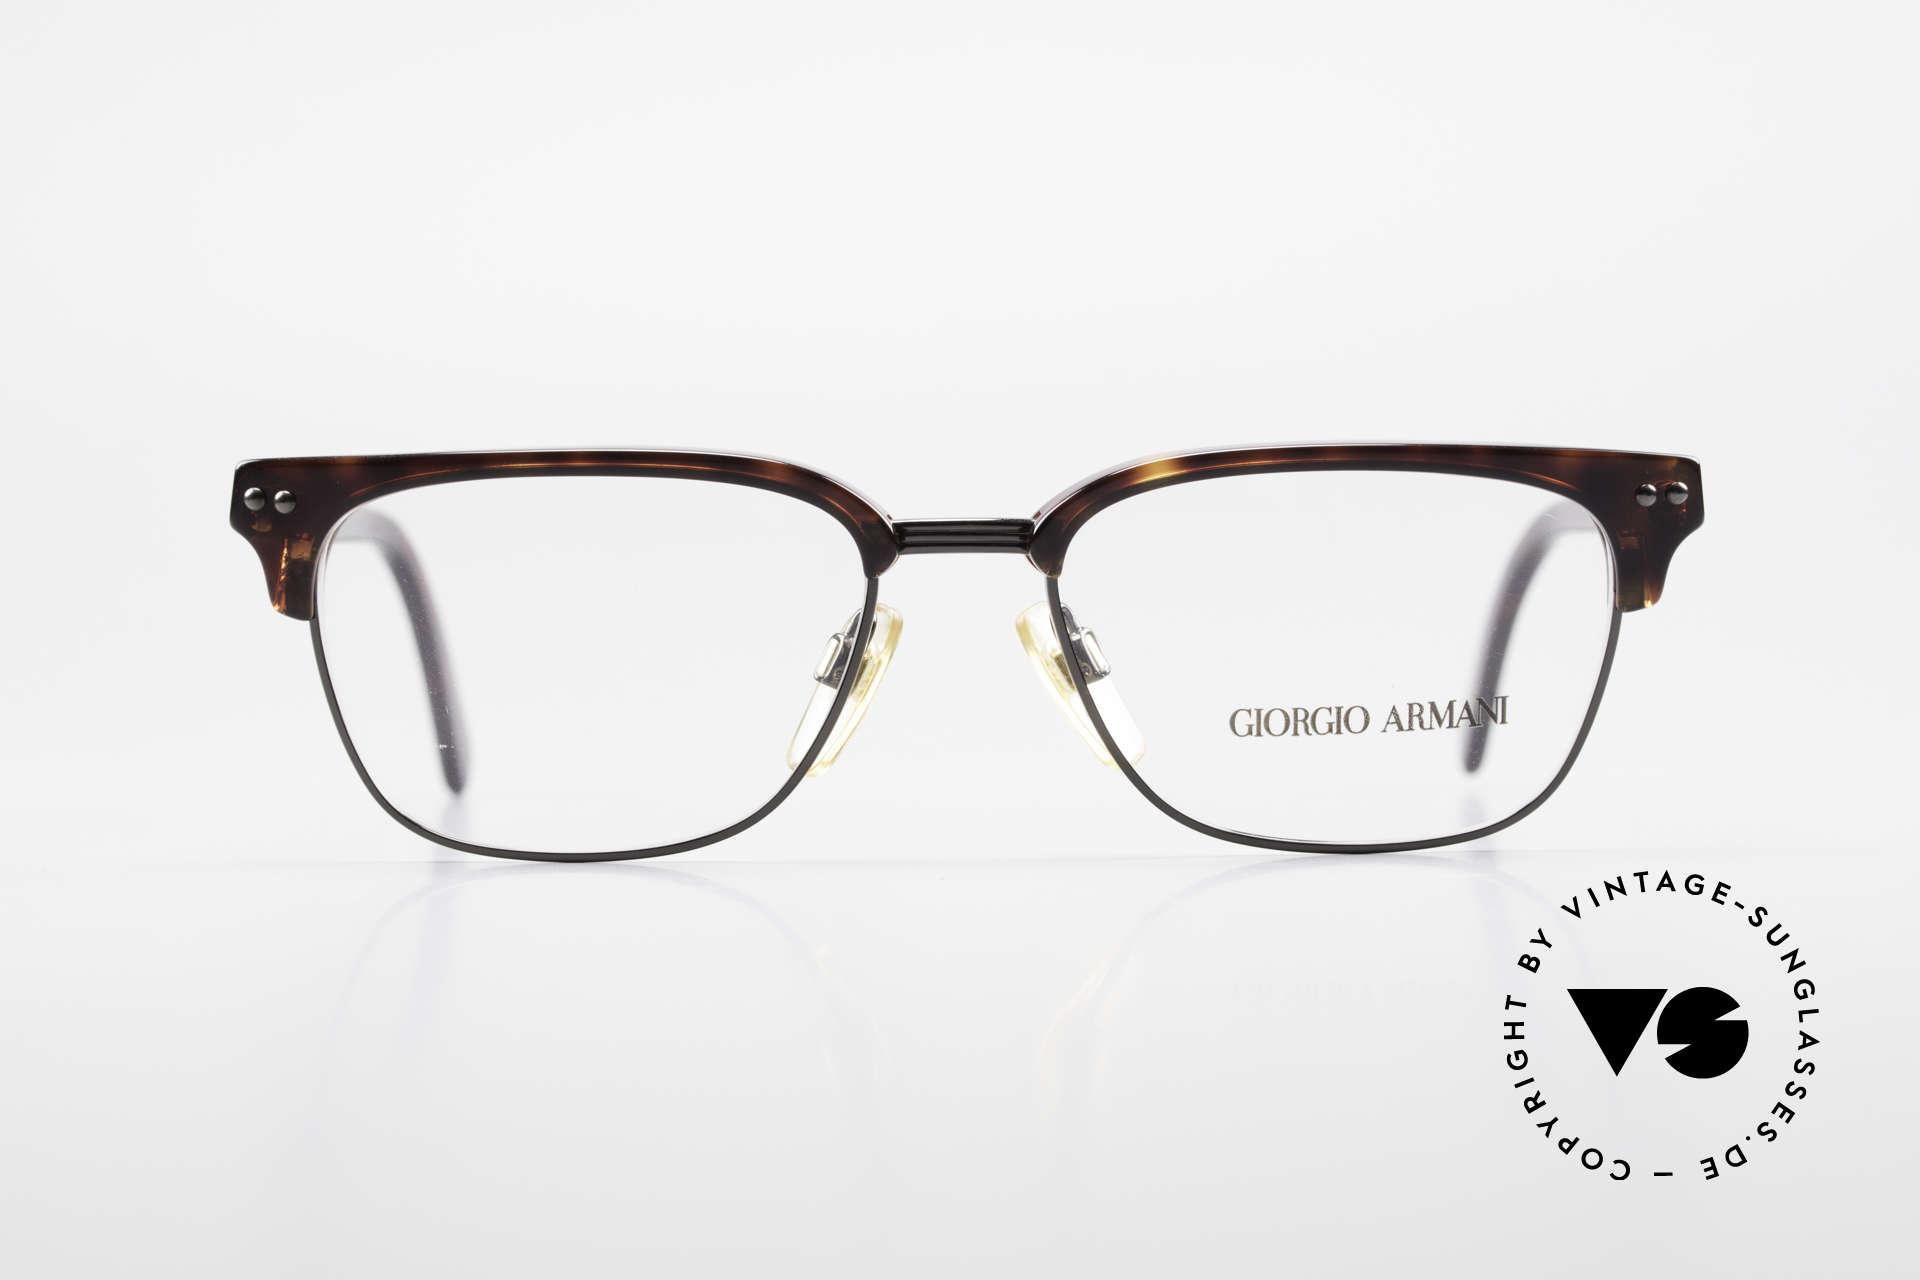 Giorgio Armani 381 Vintage Brille Clubmaster Stil, absoluter Klassiker (bekannte eckige Panto-Form), Passend für Herren